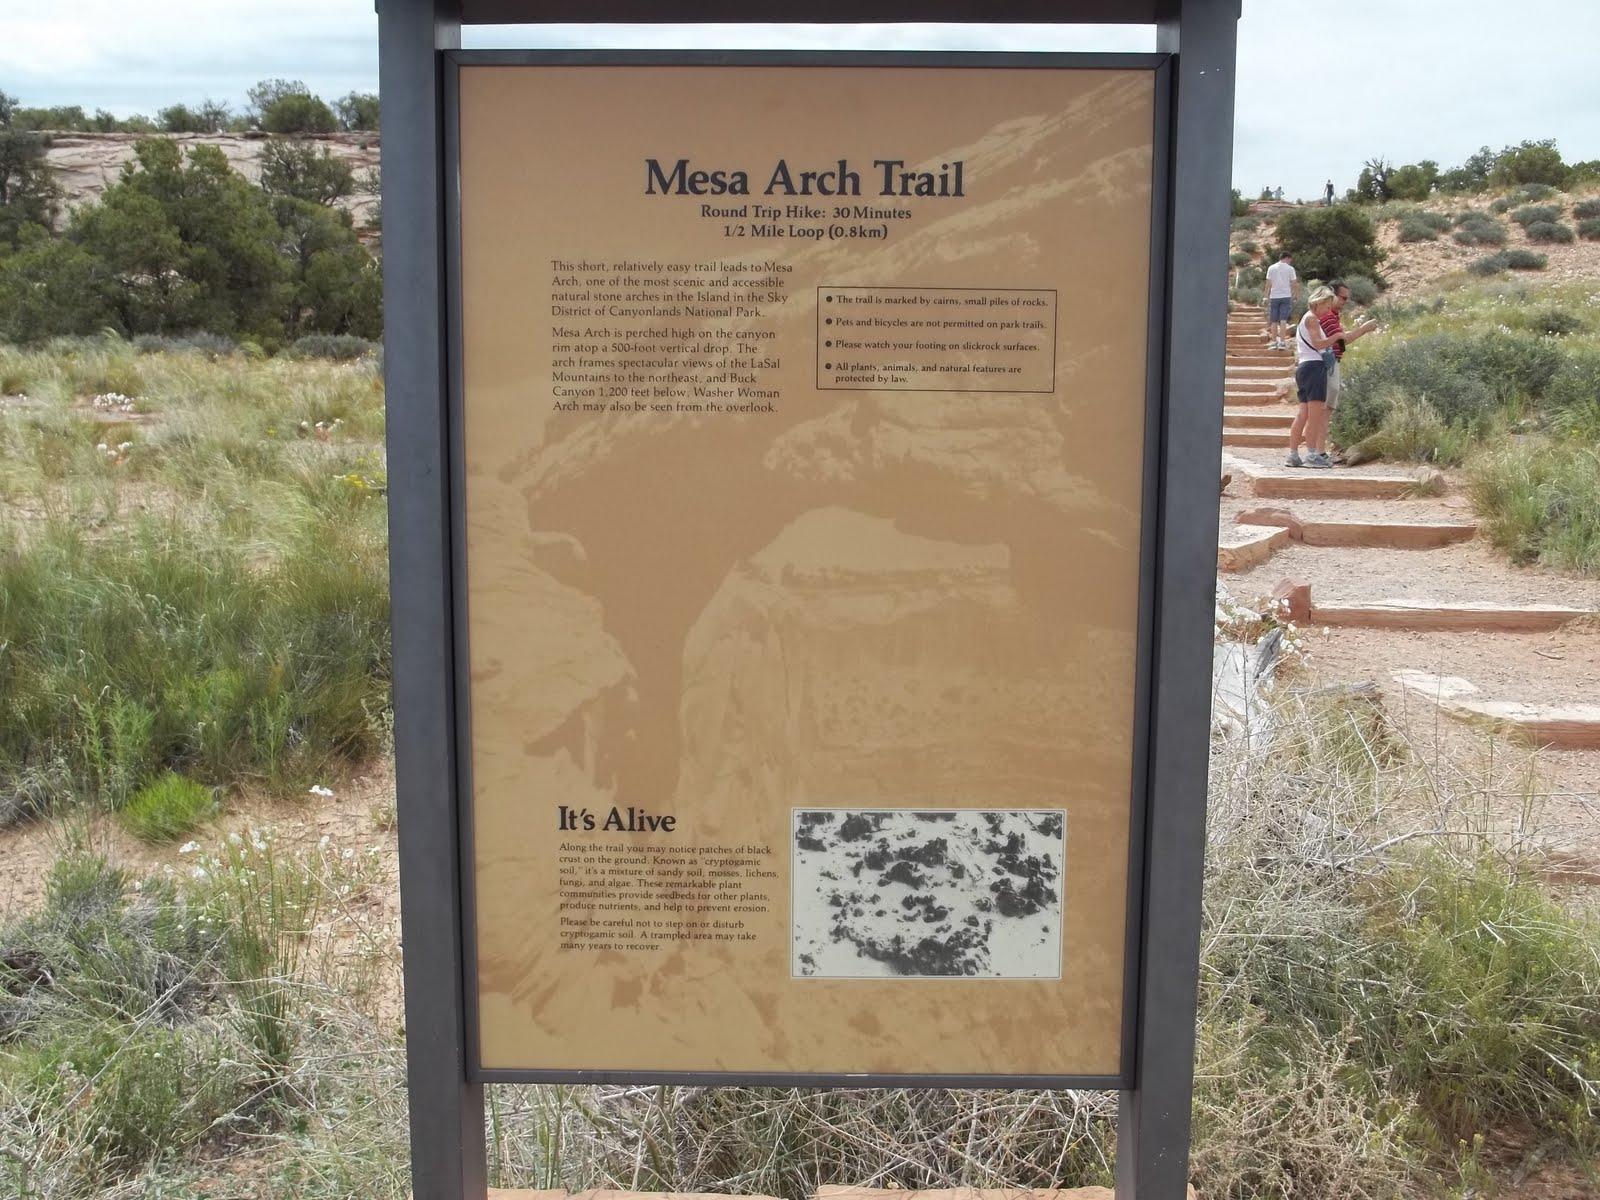 gjhikes com: Mesa Arch